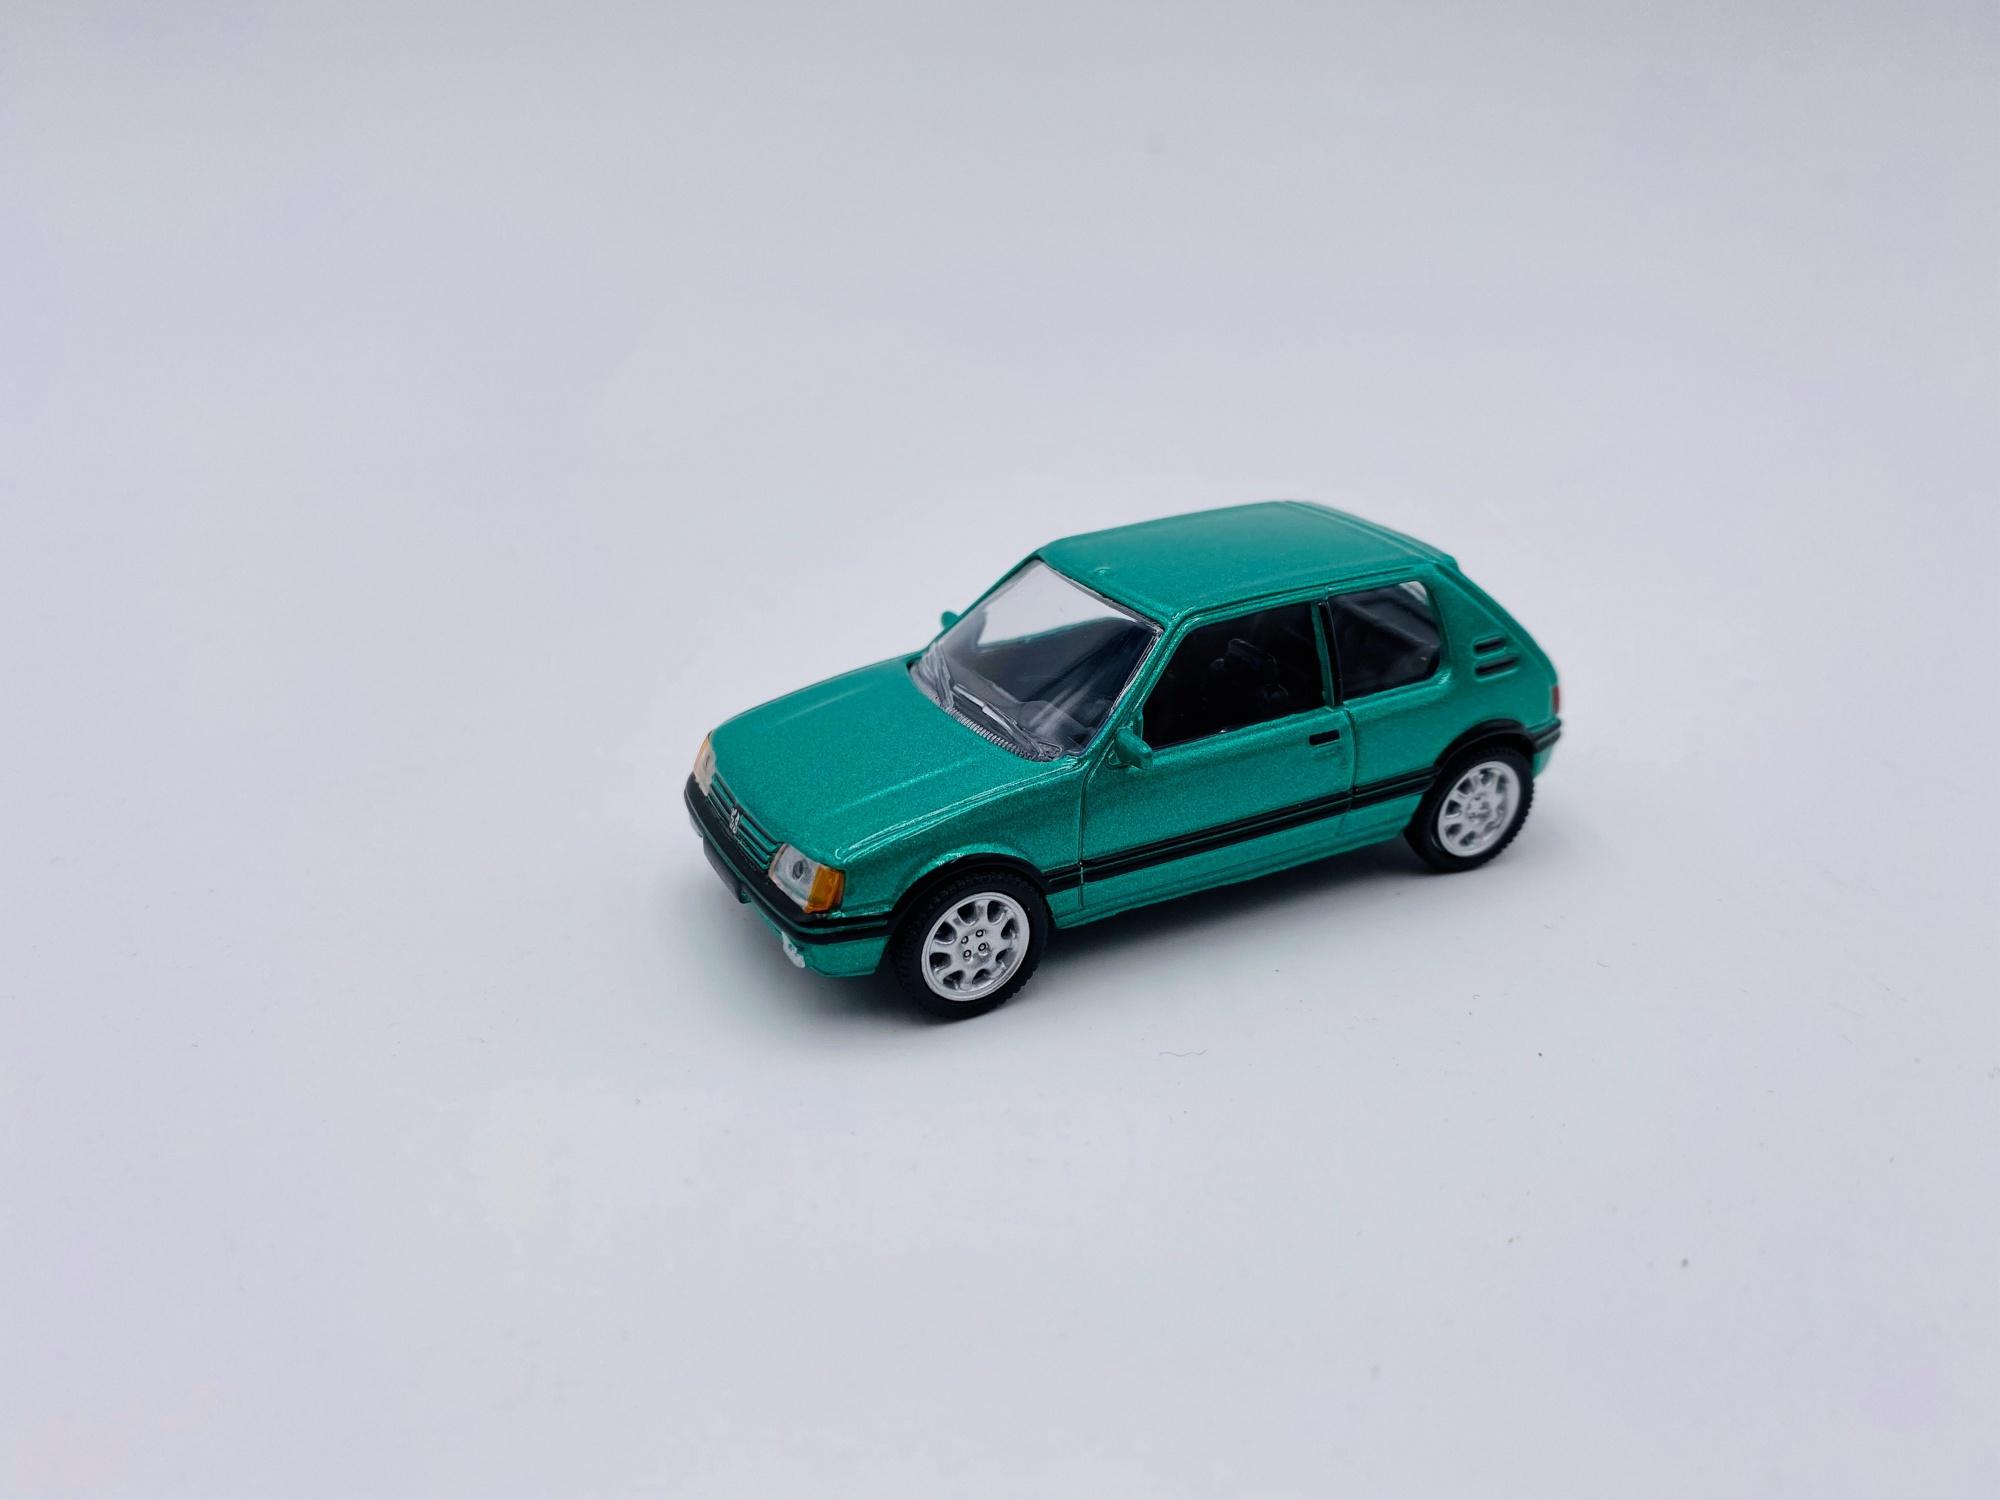 Peugeot 205 GTI 1990 Griffe Green